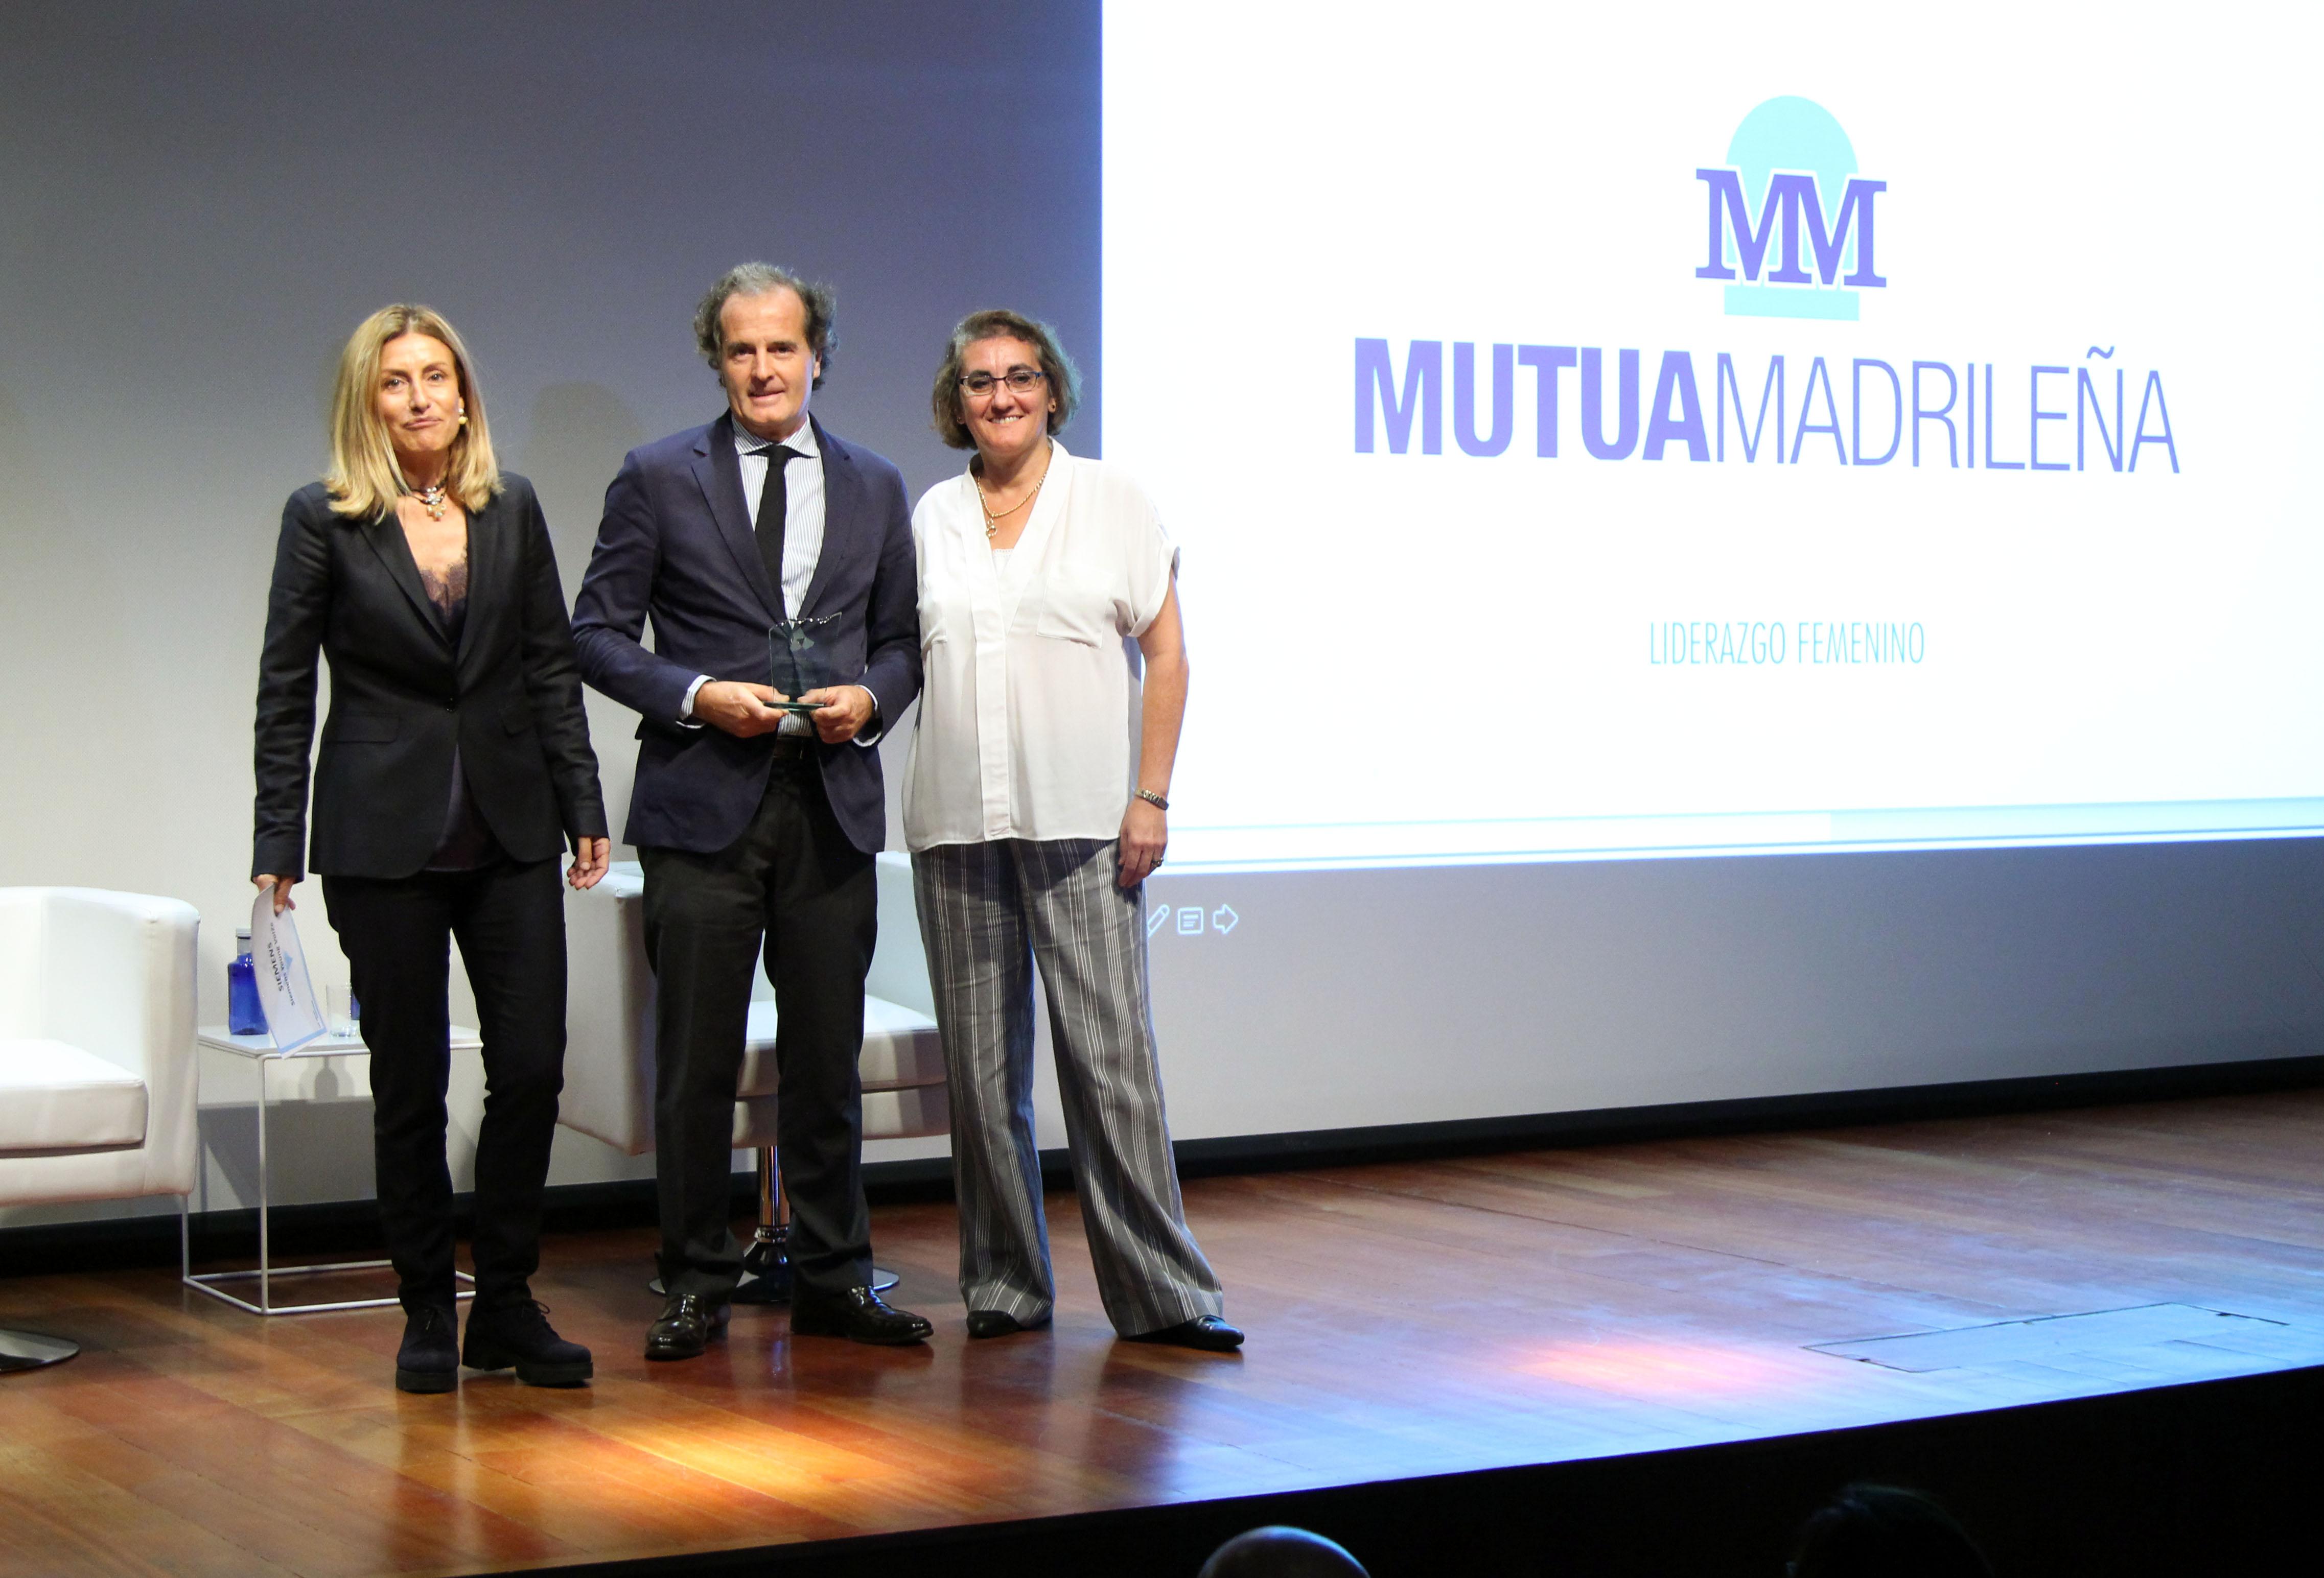 Mutua Madrileña es premiada por su programa 'Liderazgo Femenino' que promueve la igualdad en la empresa